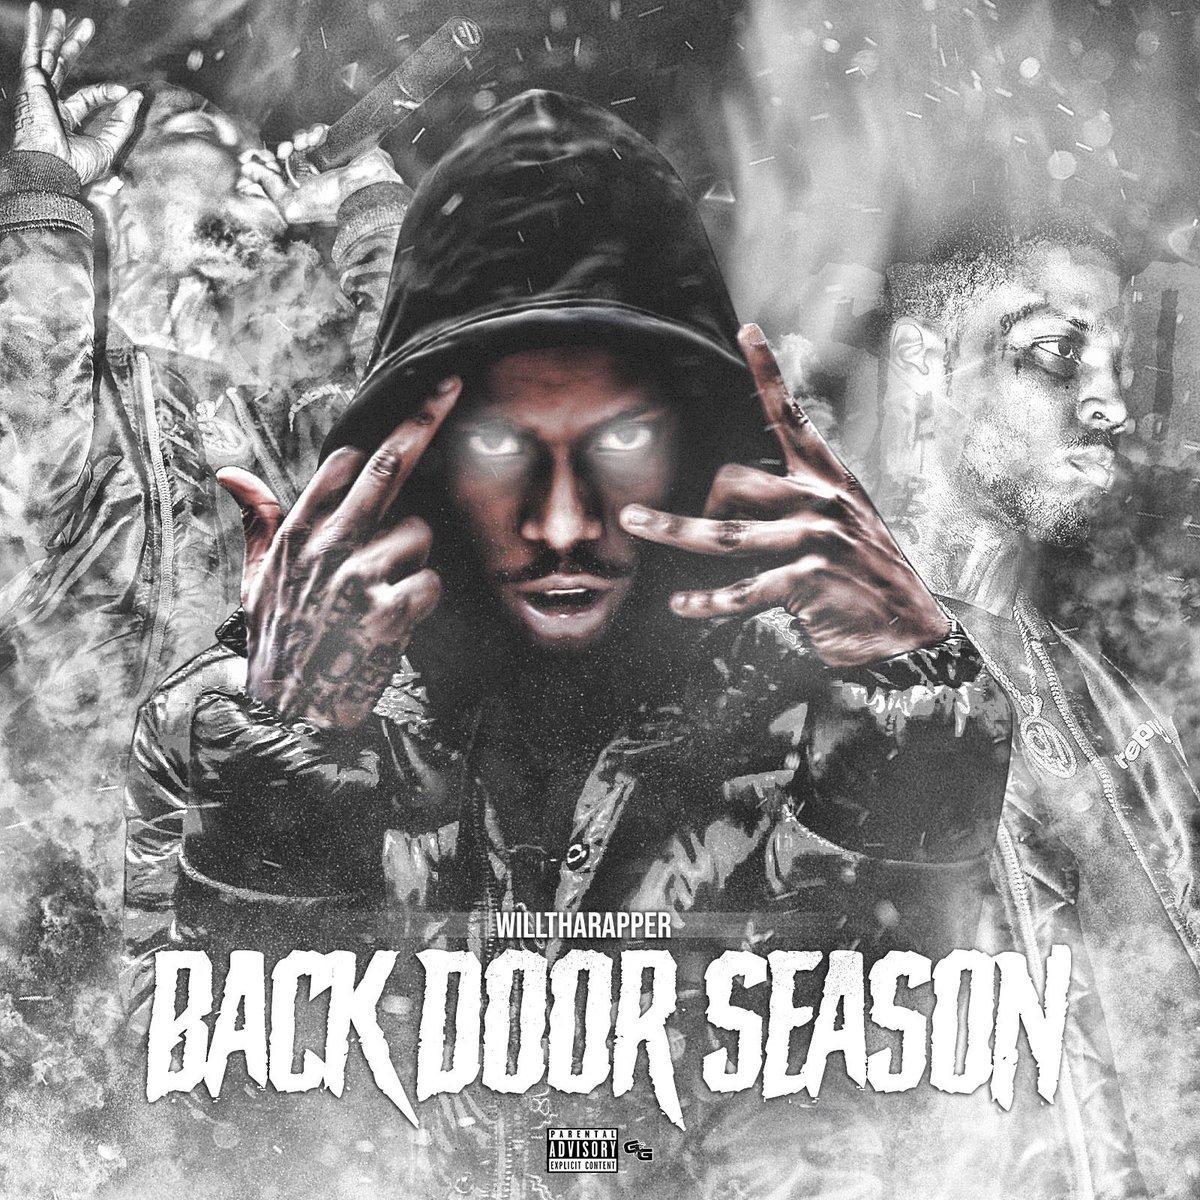 WillThaRapper – 'BackDoor Season' (Stream)